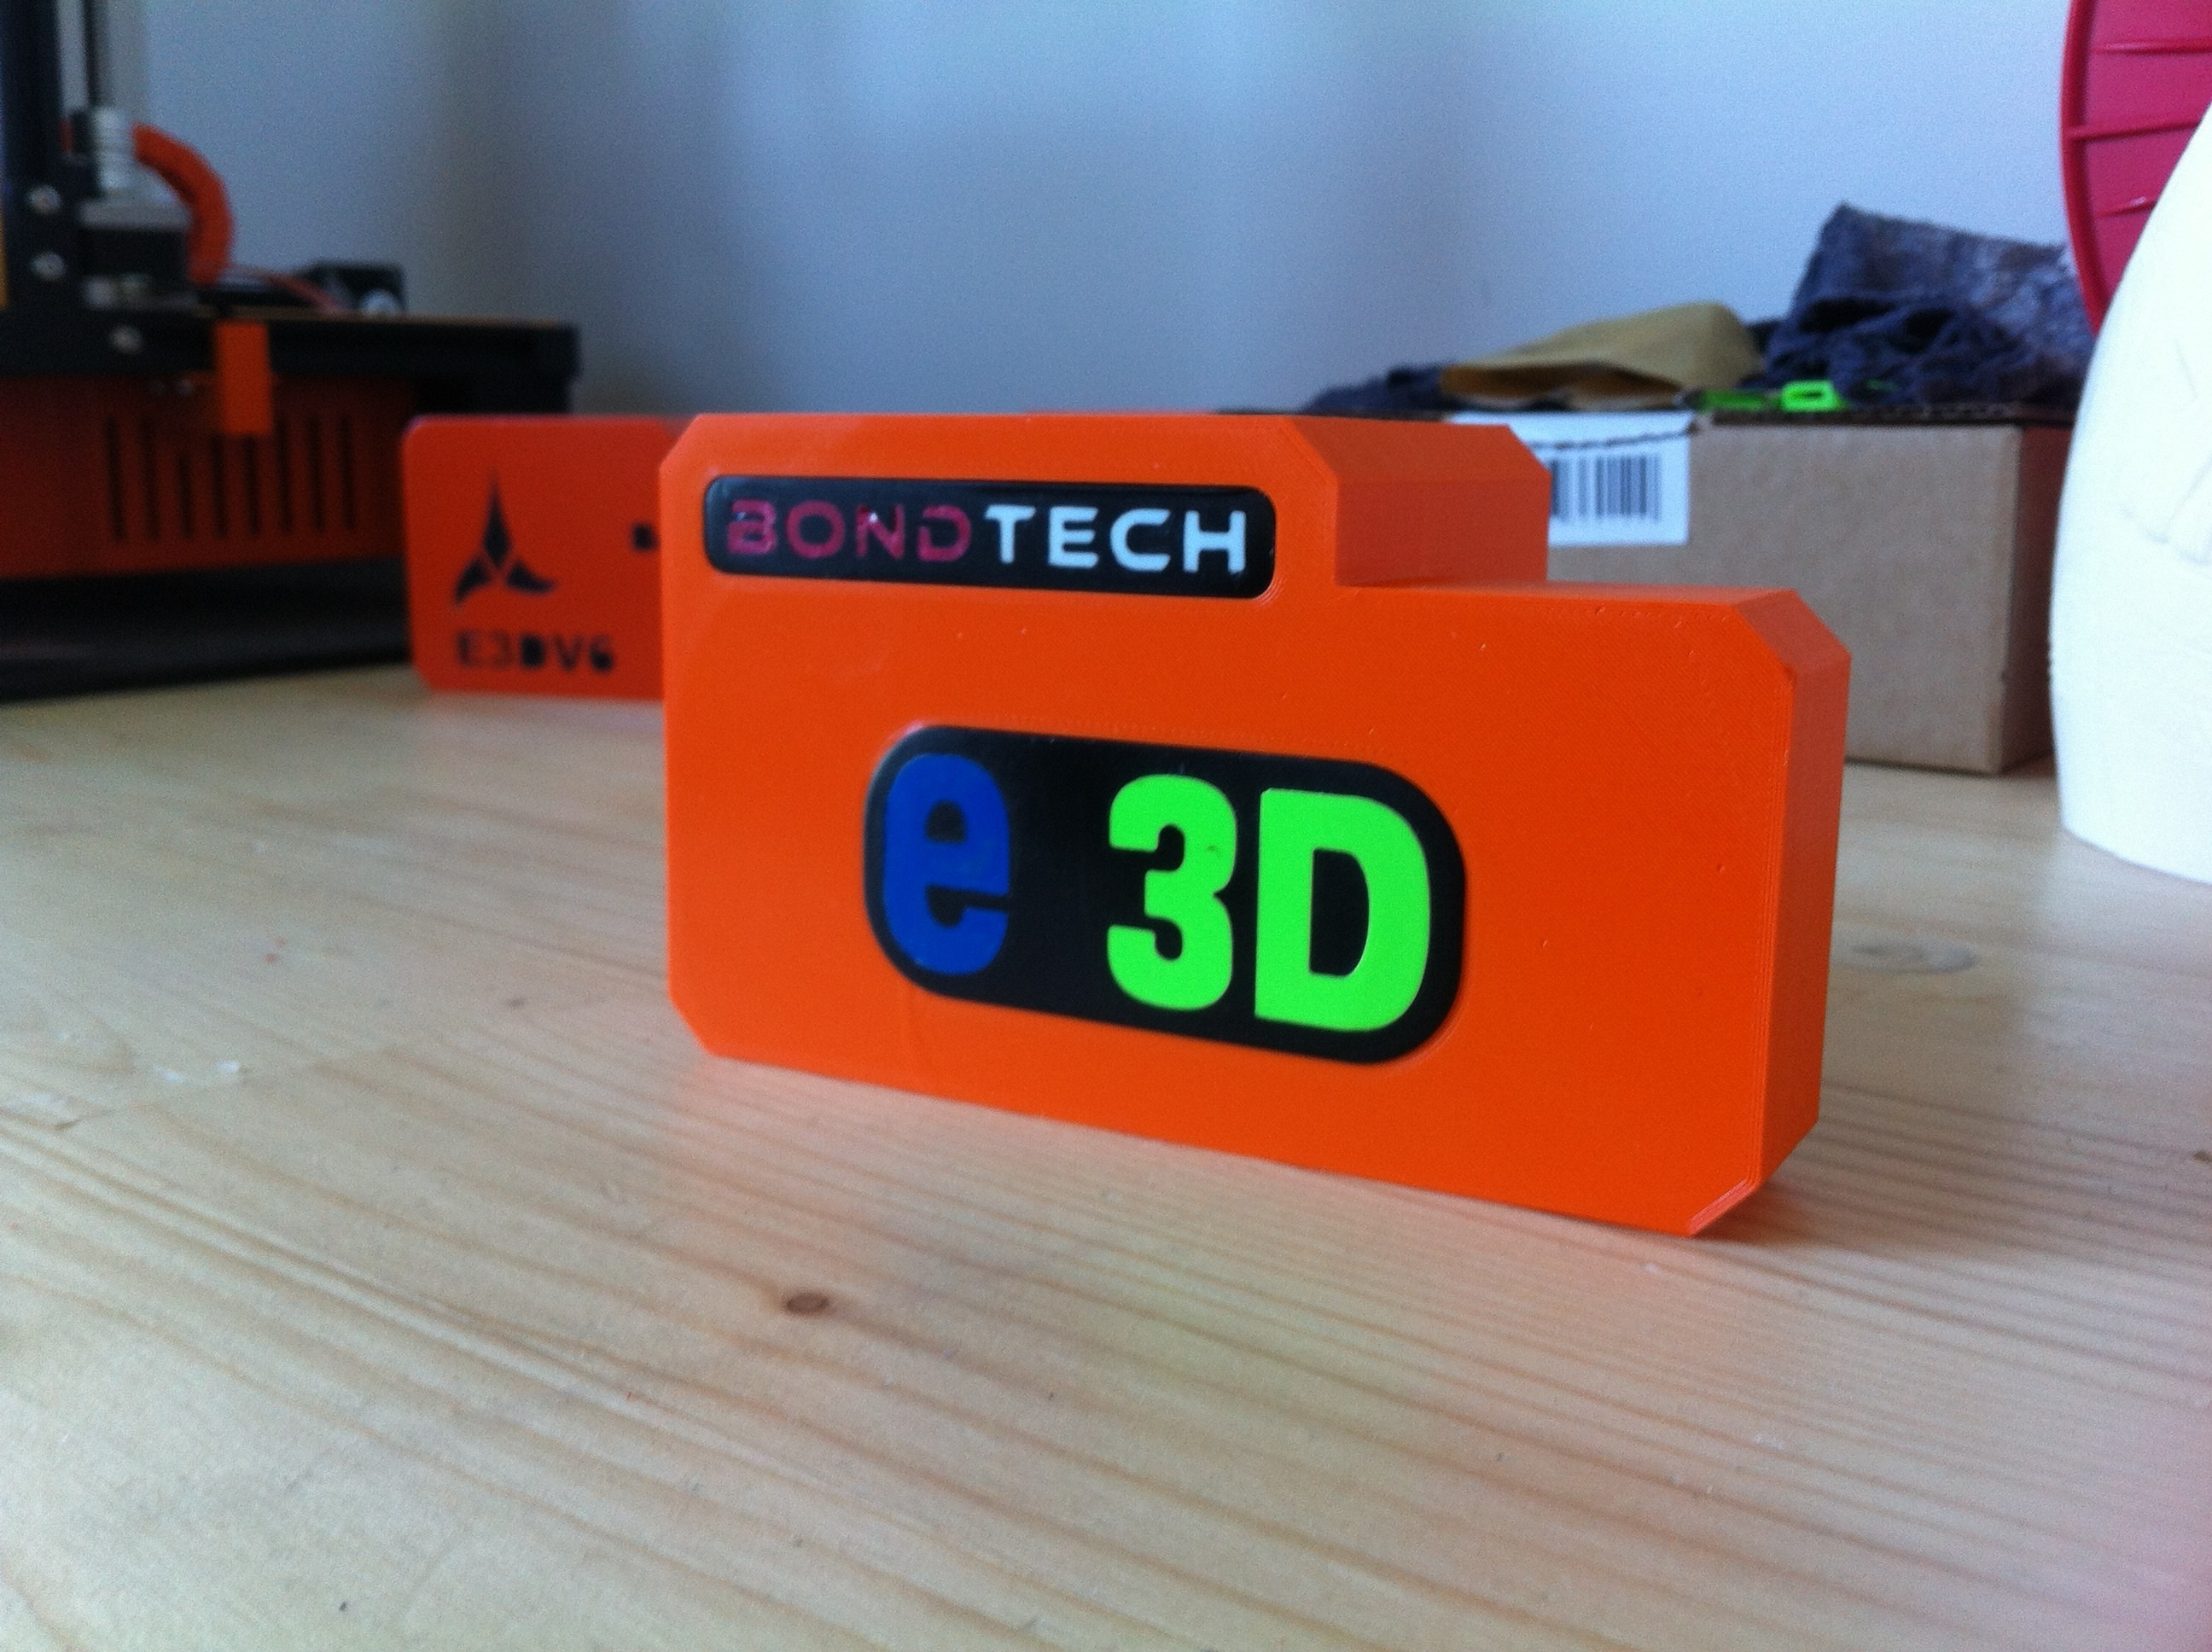 IMG_1202.JPG Download free STL file Direct Drive- E3DV6- Bondtech (right)-Bltouch • 3D printer template, kim_razor